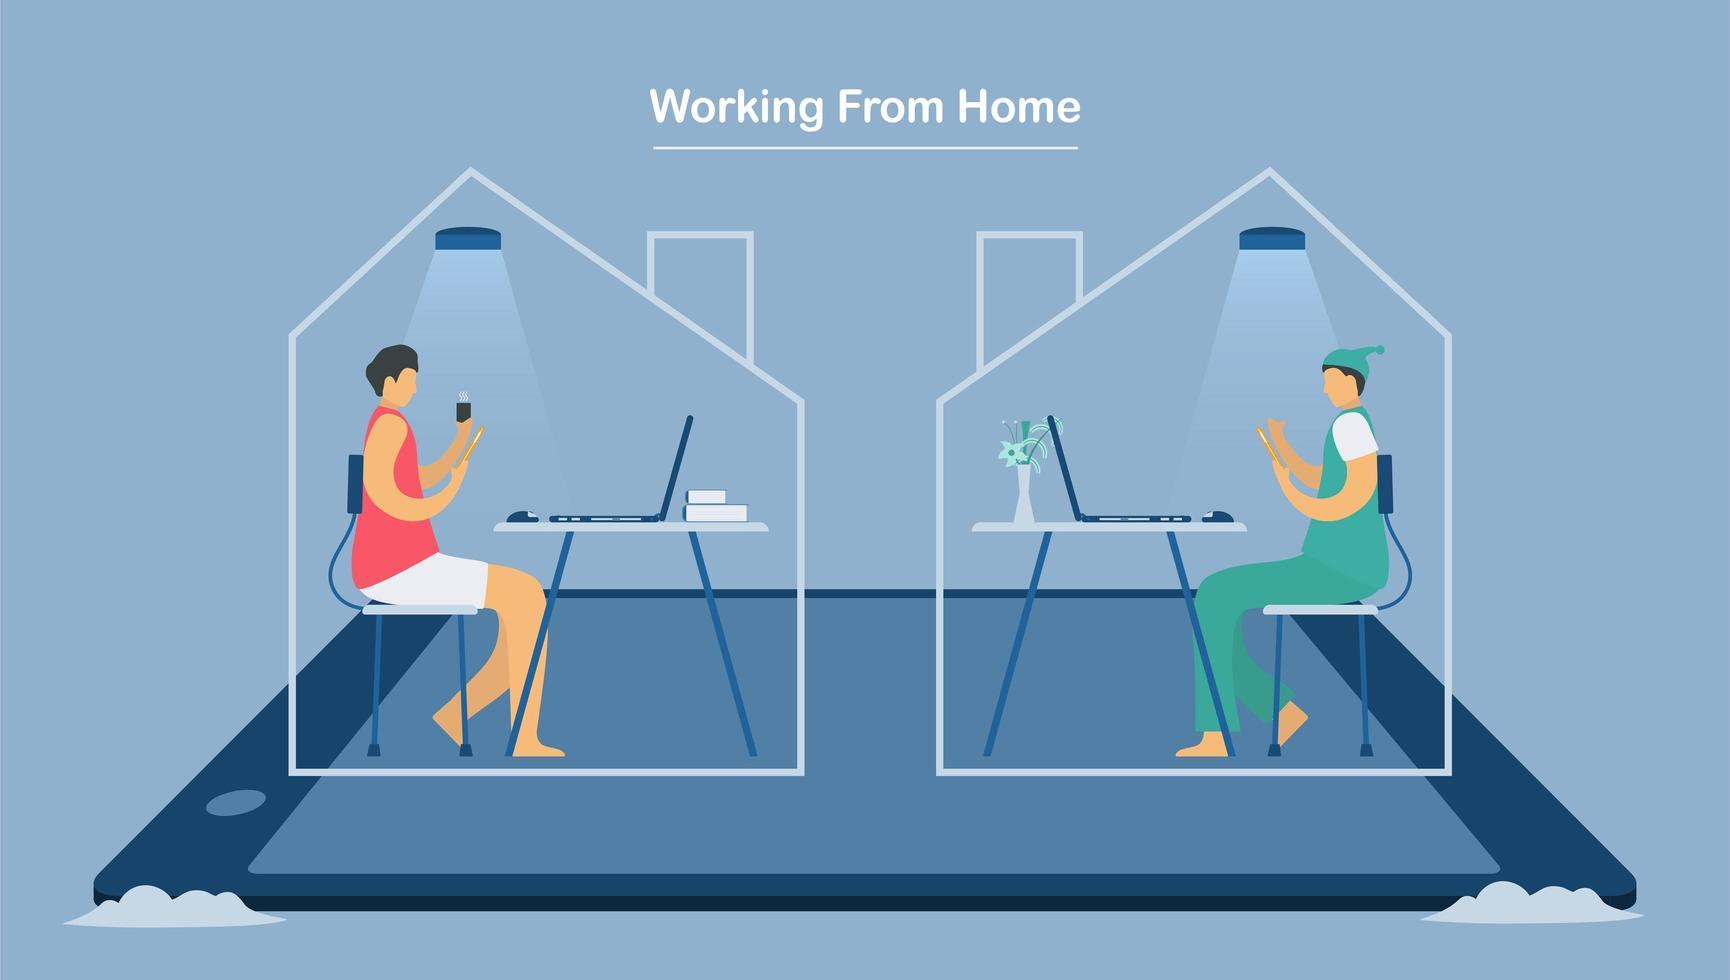 två anställda som arbetar hemifrån för att skydda nya coronavirus vektor